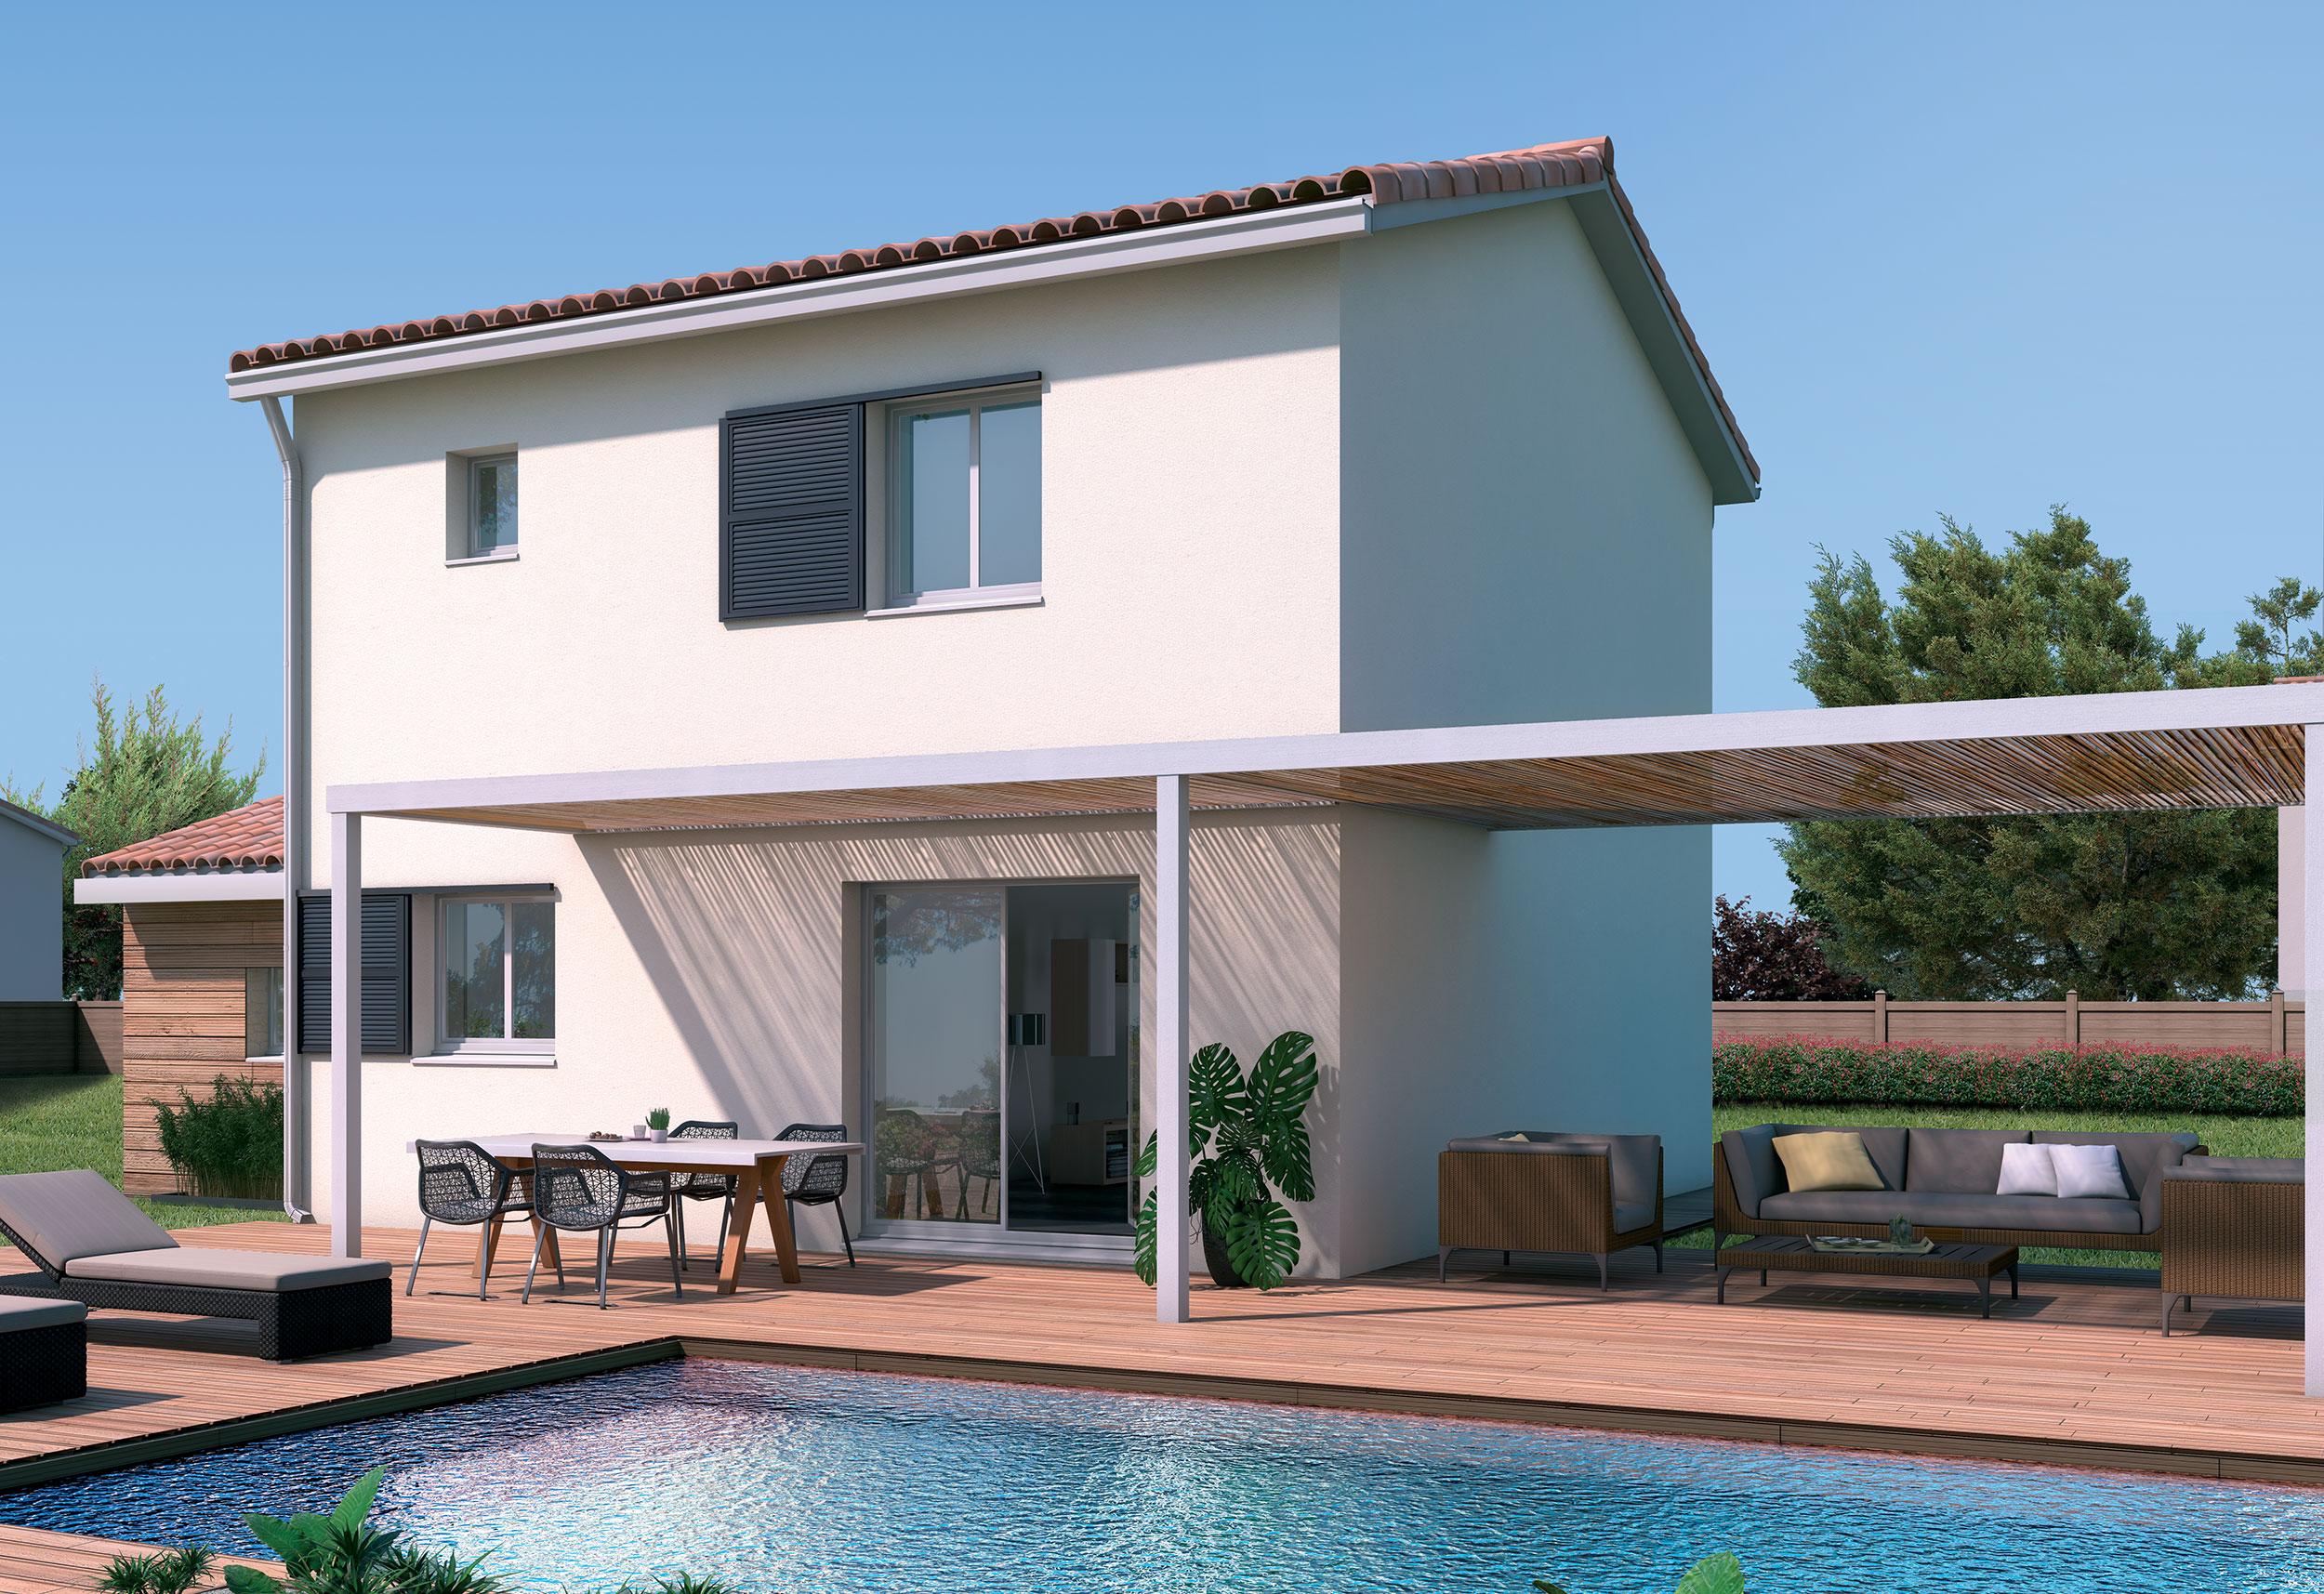 Maison Traditionnelle Etage Urban Avec Plans Maisons Bati France Constructeur Maison Individuelle Languedoc Roussillon